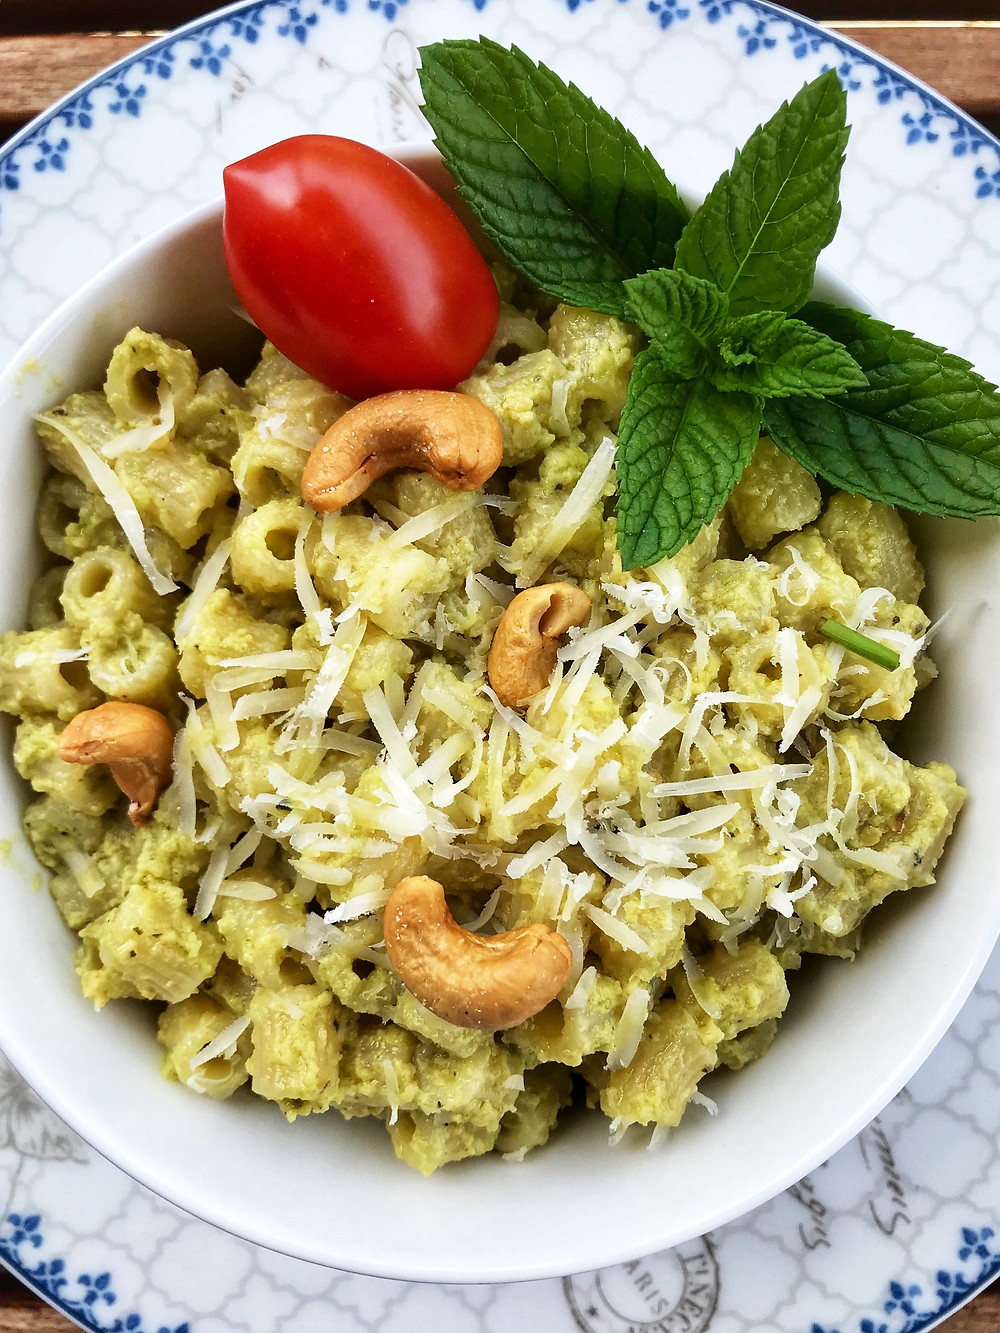 How to make avocado pesto sauce for pasta